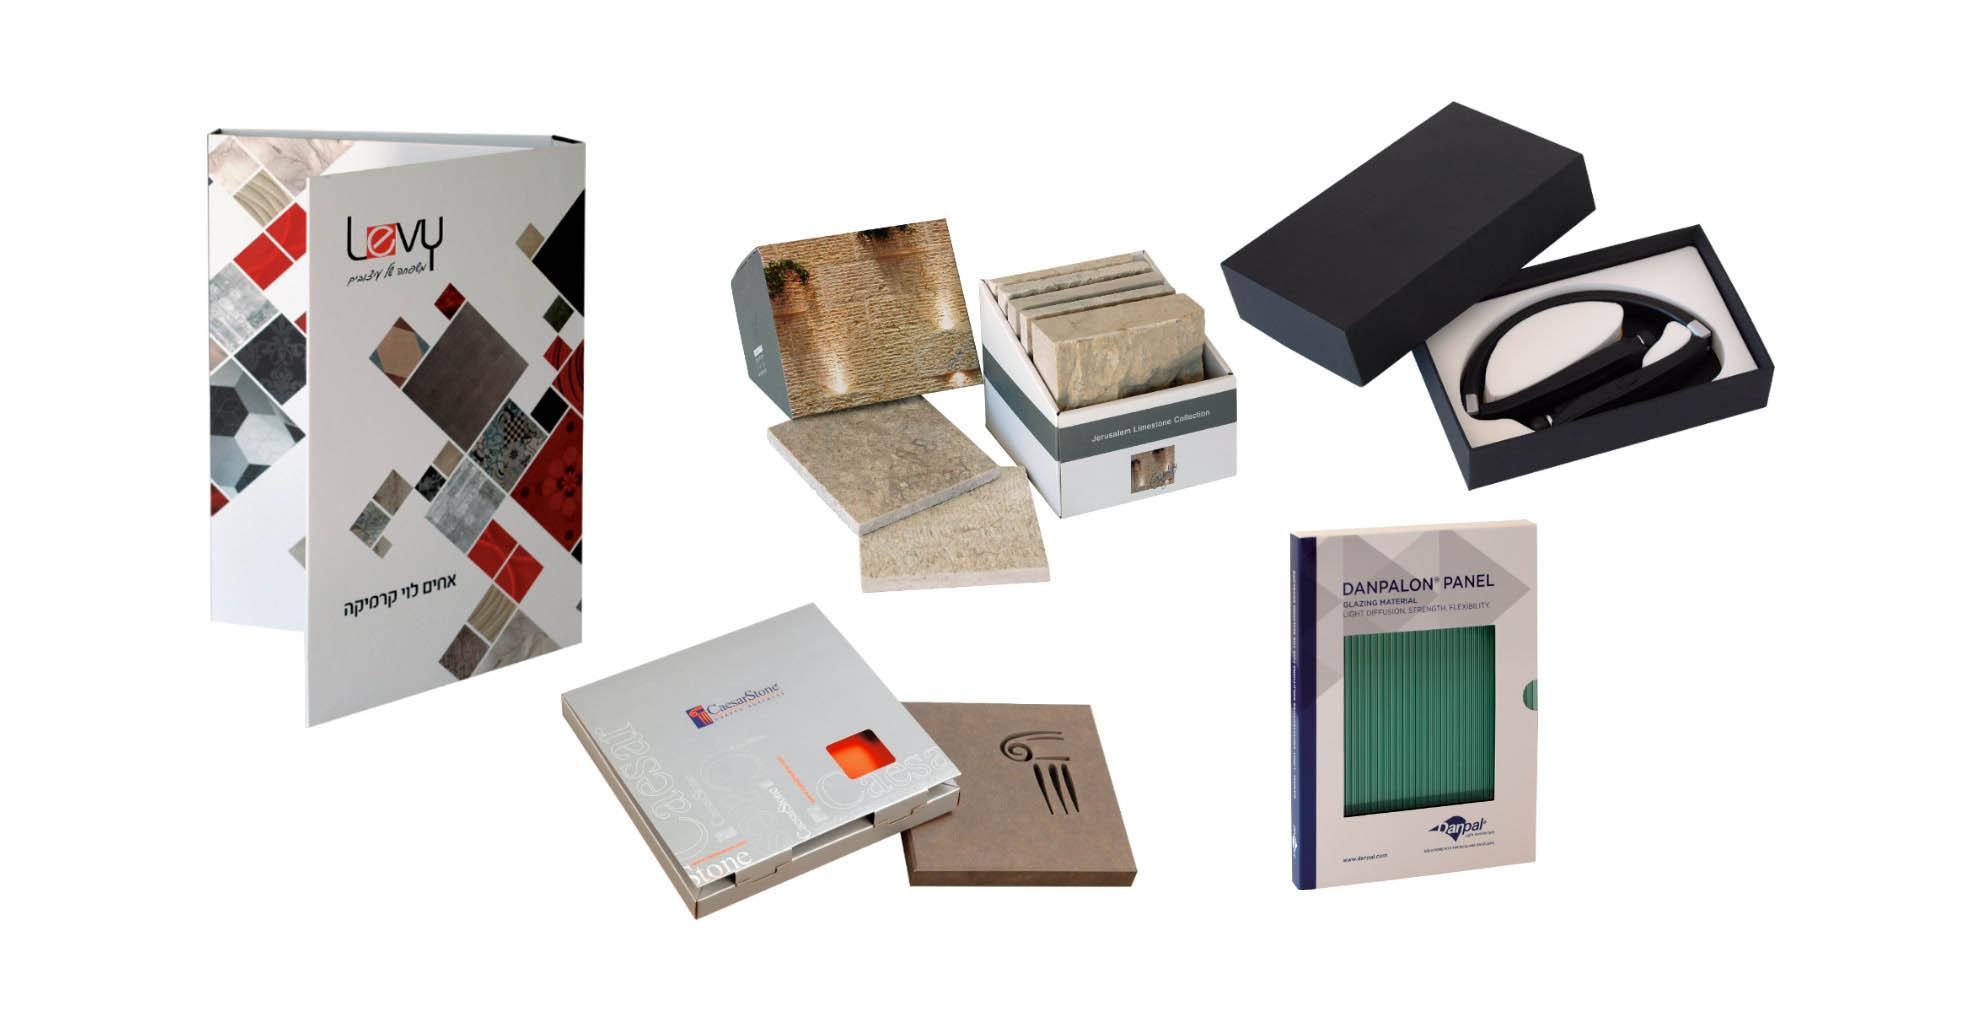 מארזים וקופסאות של דוגמאות ממותגות בהתאמה אישית עם מסגרות צורניות מקרטון קשיח דחוס, קרטון גלי, קרטון דופלקס